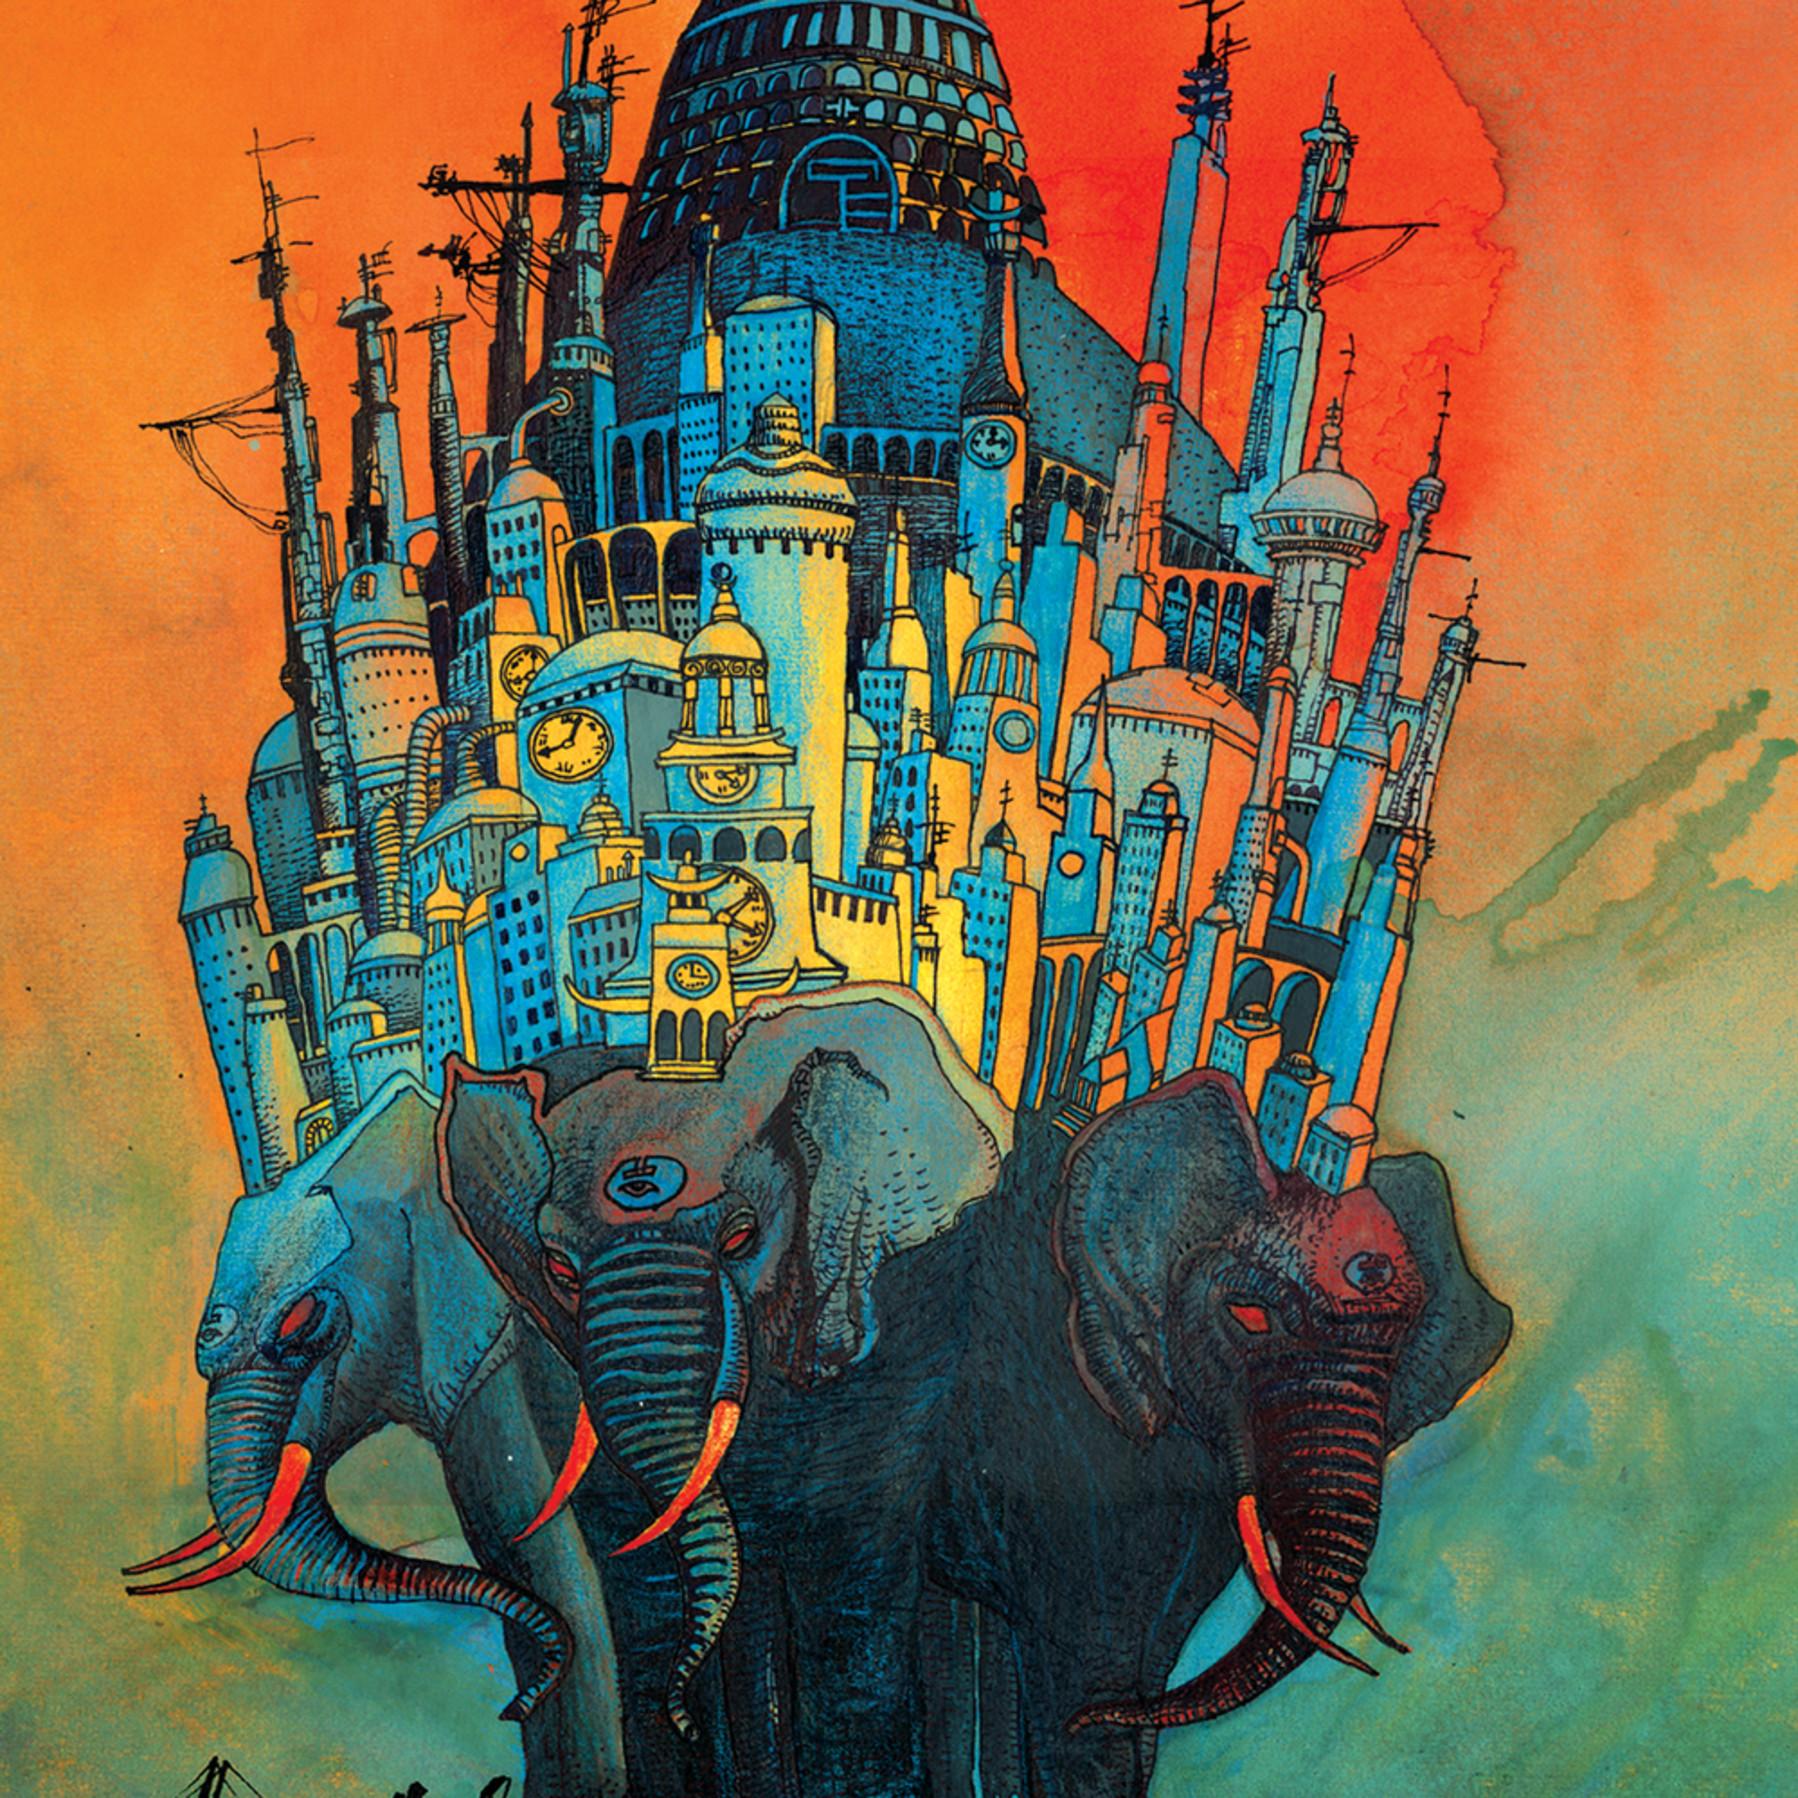 Elephants m9gx7n